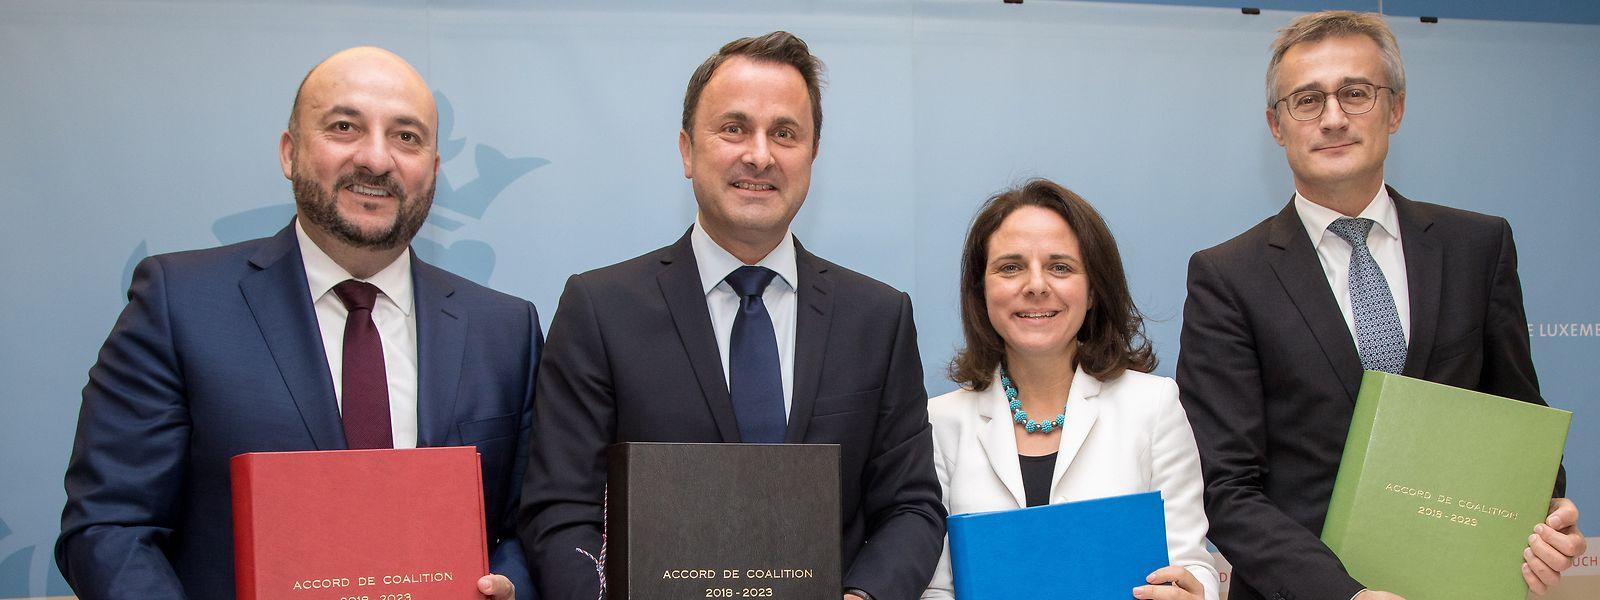 Félix Braz (tout à droite) avait représenté Déi Gréng à la signature de l'accord de coalition en 2018.